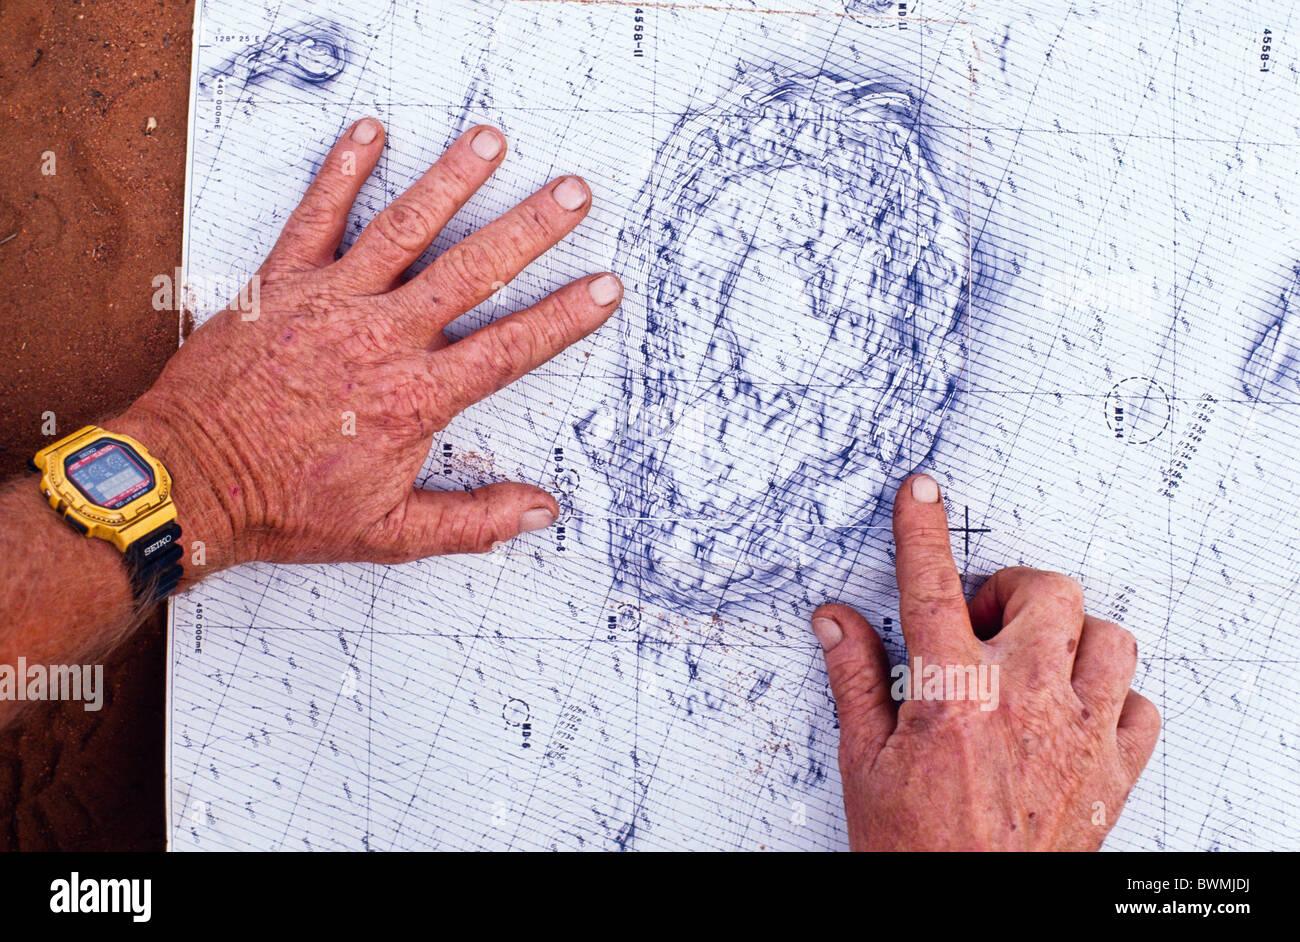 Geologe Studium magnetische Höhenlinienkarte, Mineral-Exploration, Western Australia Stockbild